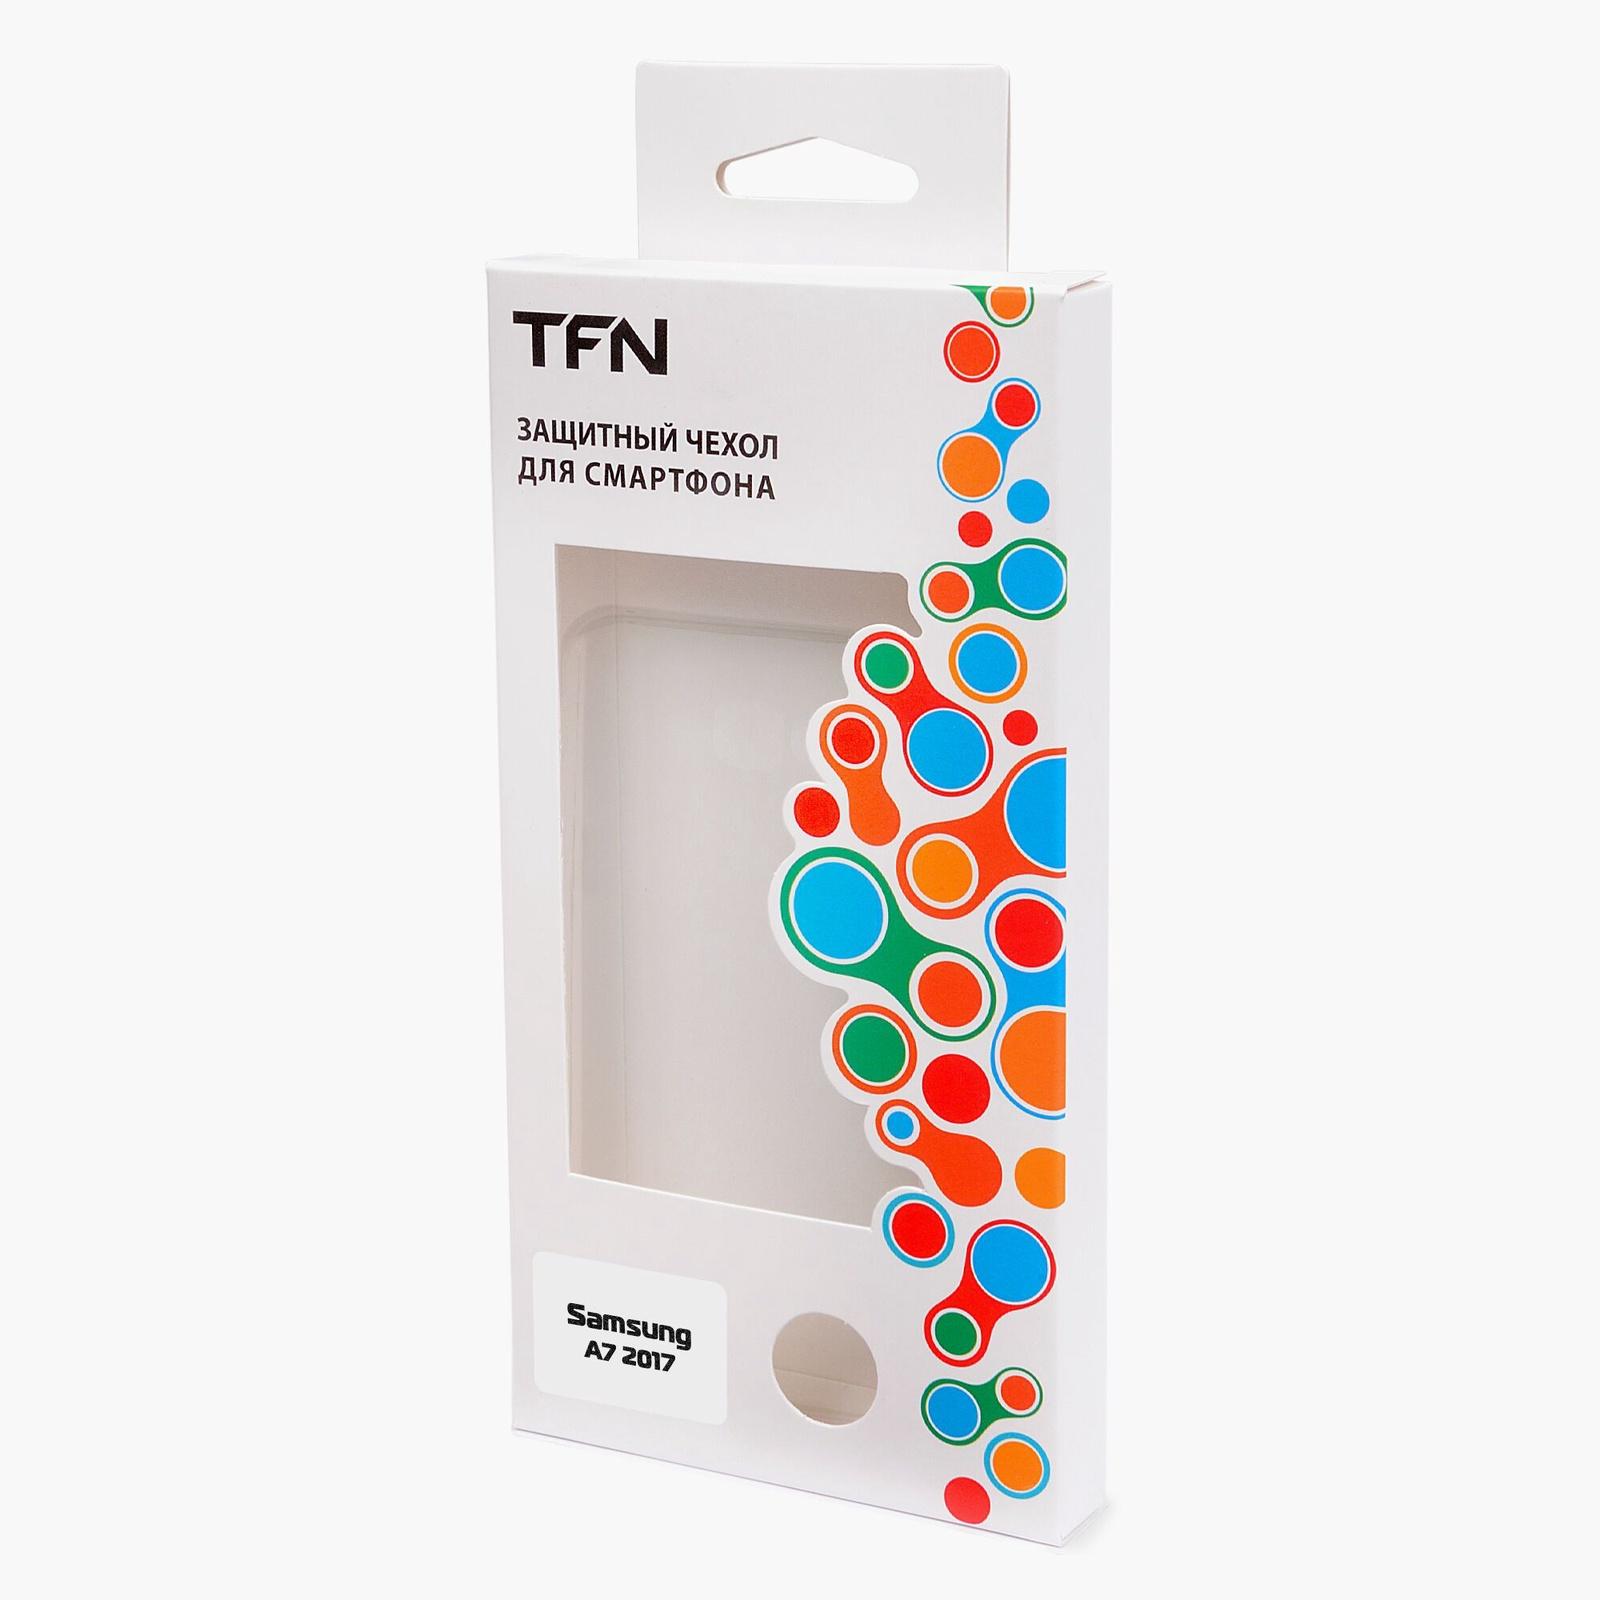 Чехол для сотового телефона TFN Защитный чехол Силиконовый для Samsung A7 2018 mooncase s линия мягкий силиконовый гель тпу защитный чехол гибкой оболочки защитный чехол для sony xperia e4 белый